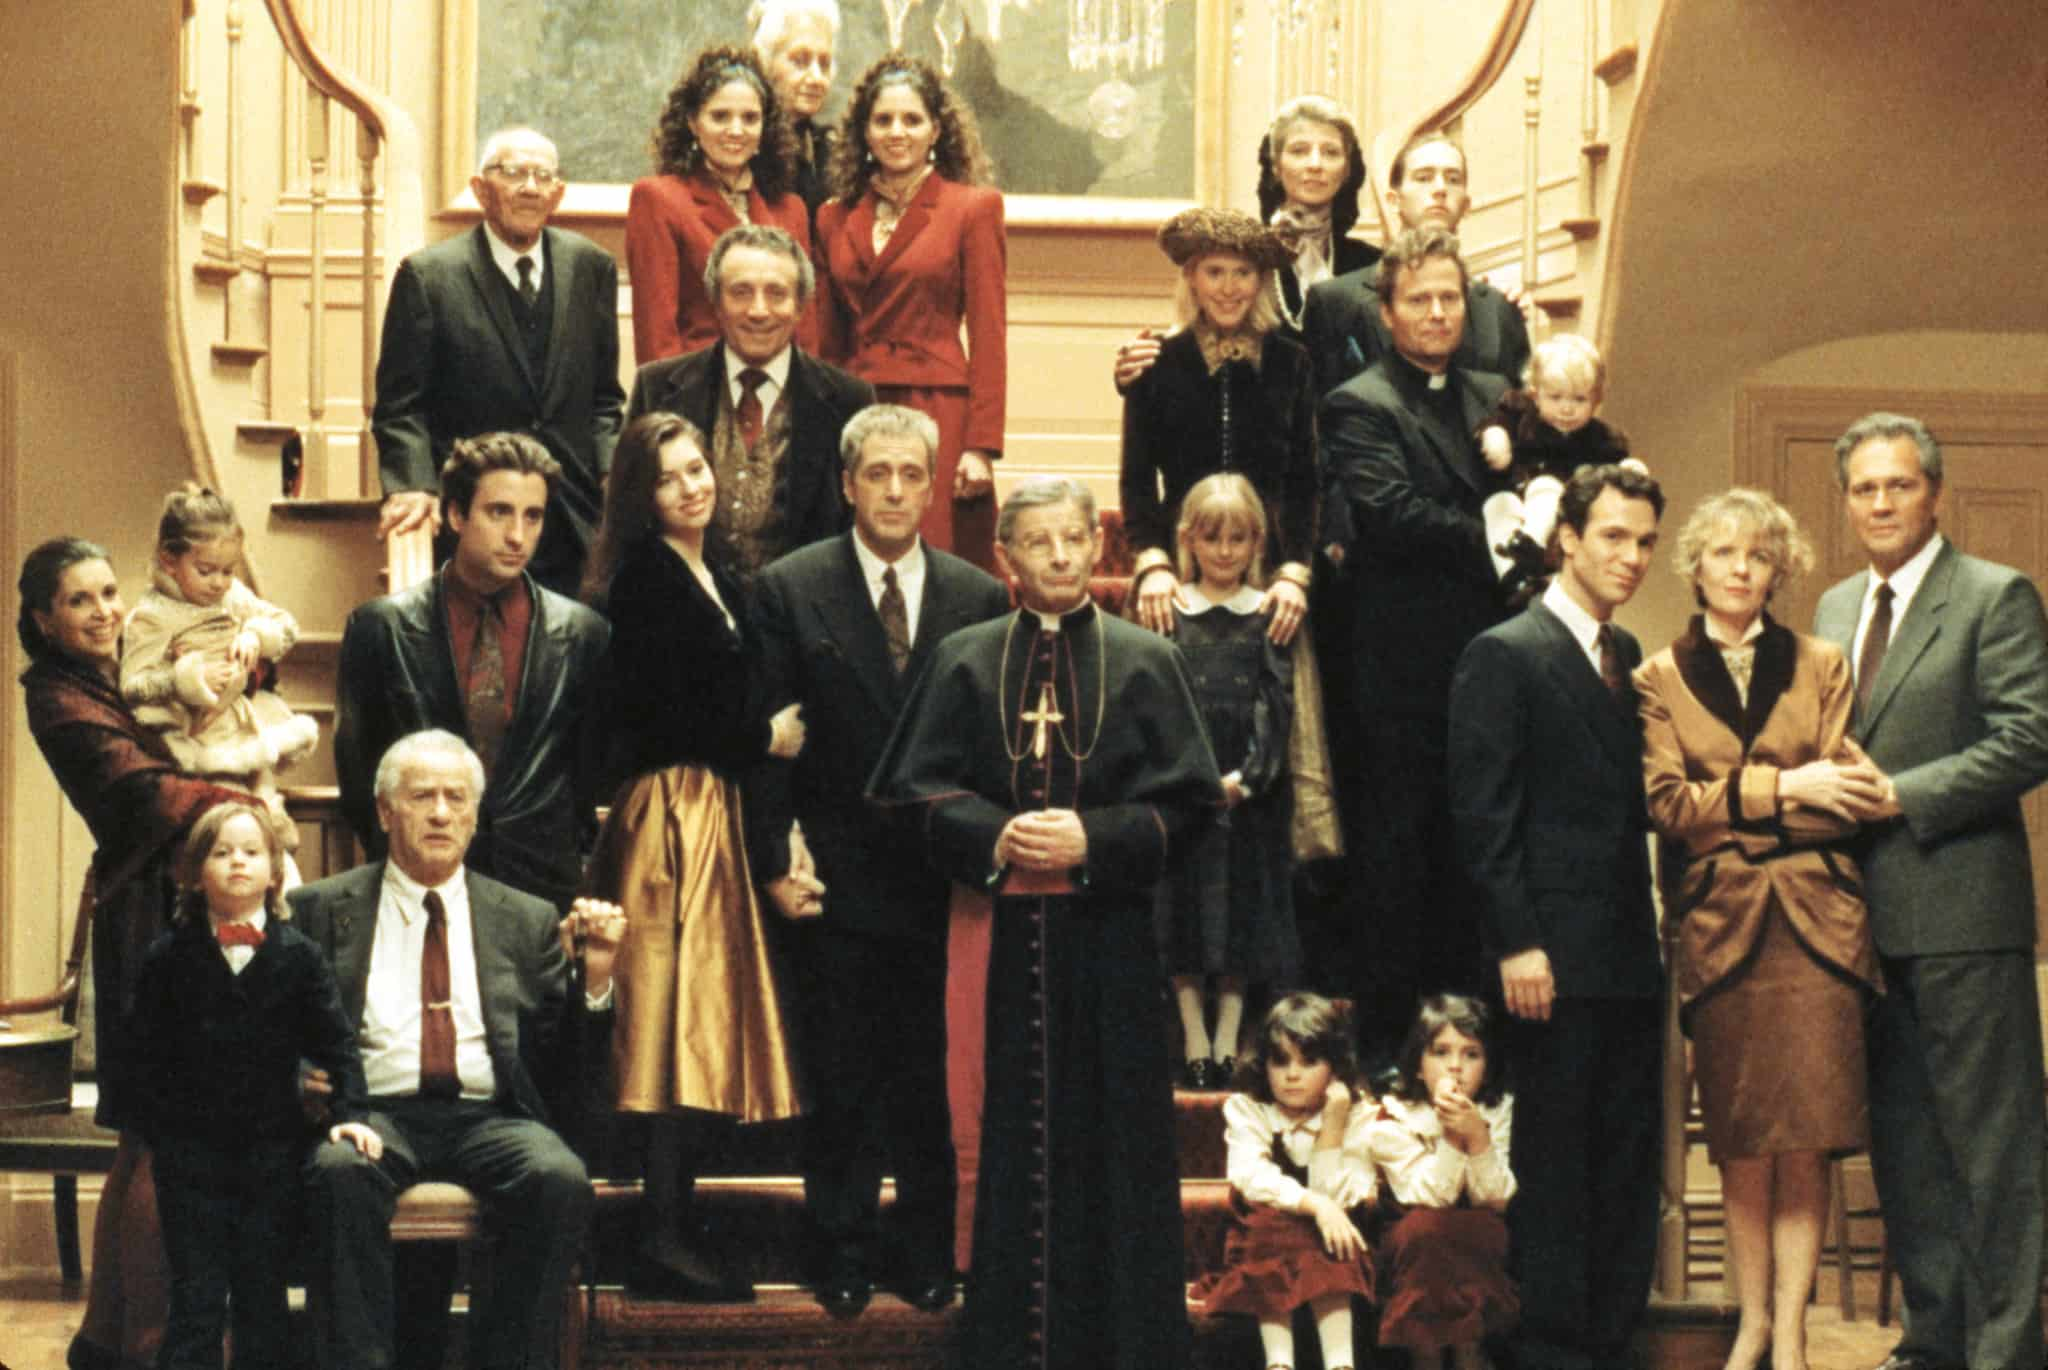 The Godfather Death of Michael Corleone Coda